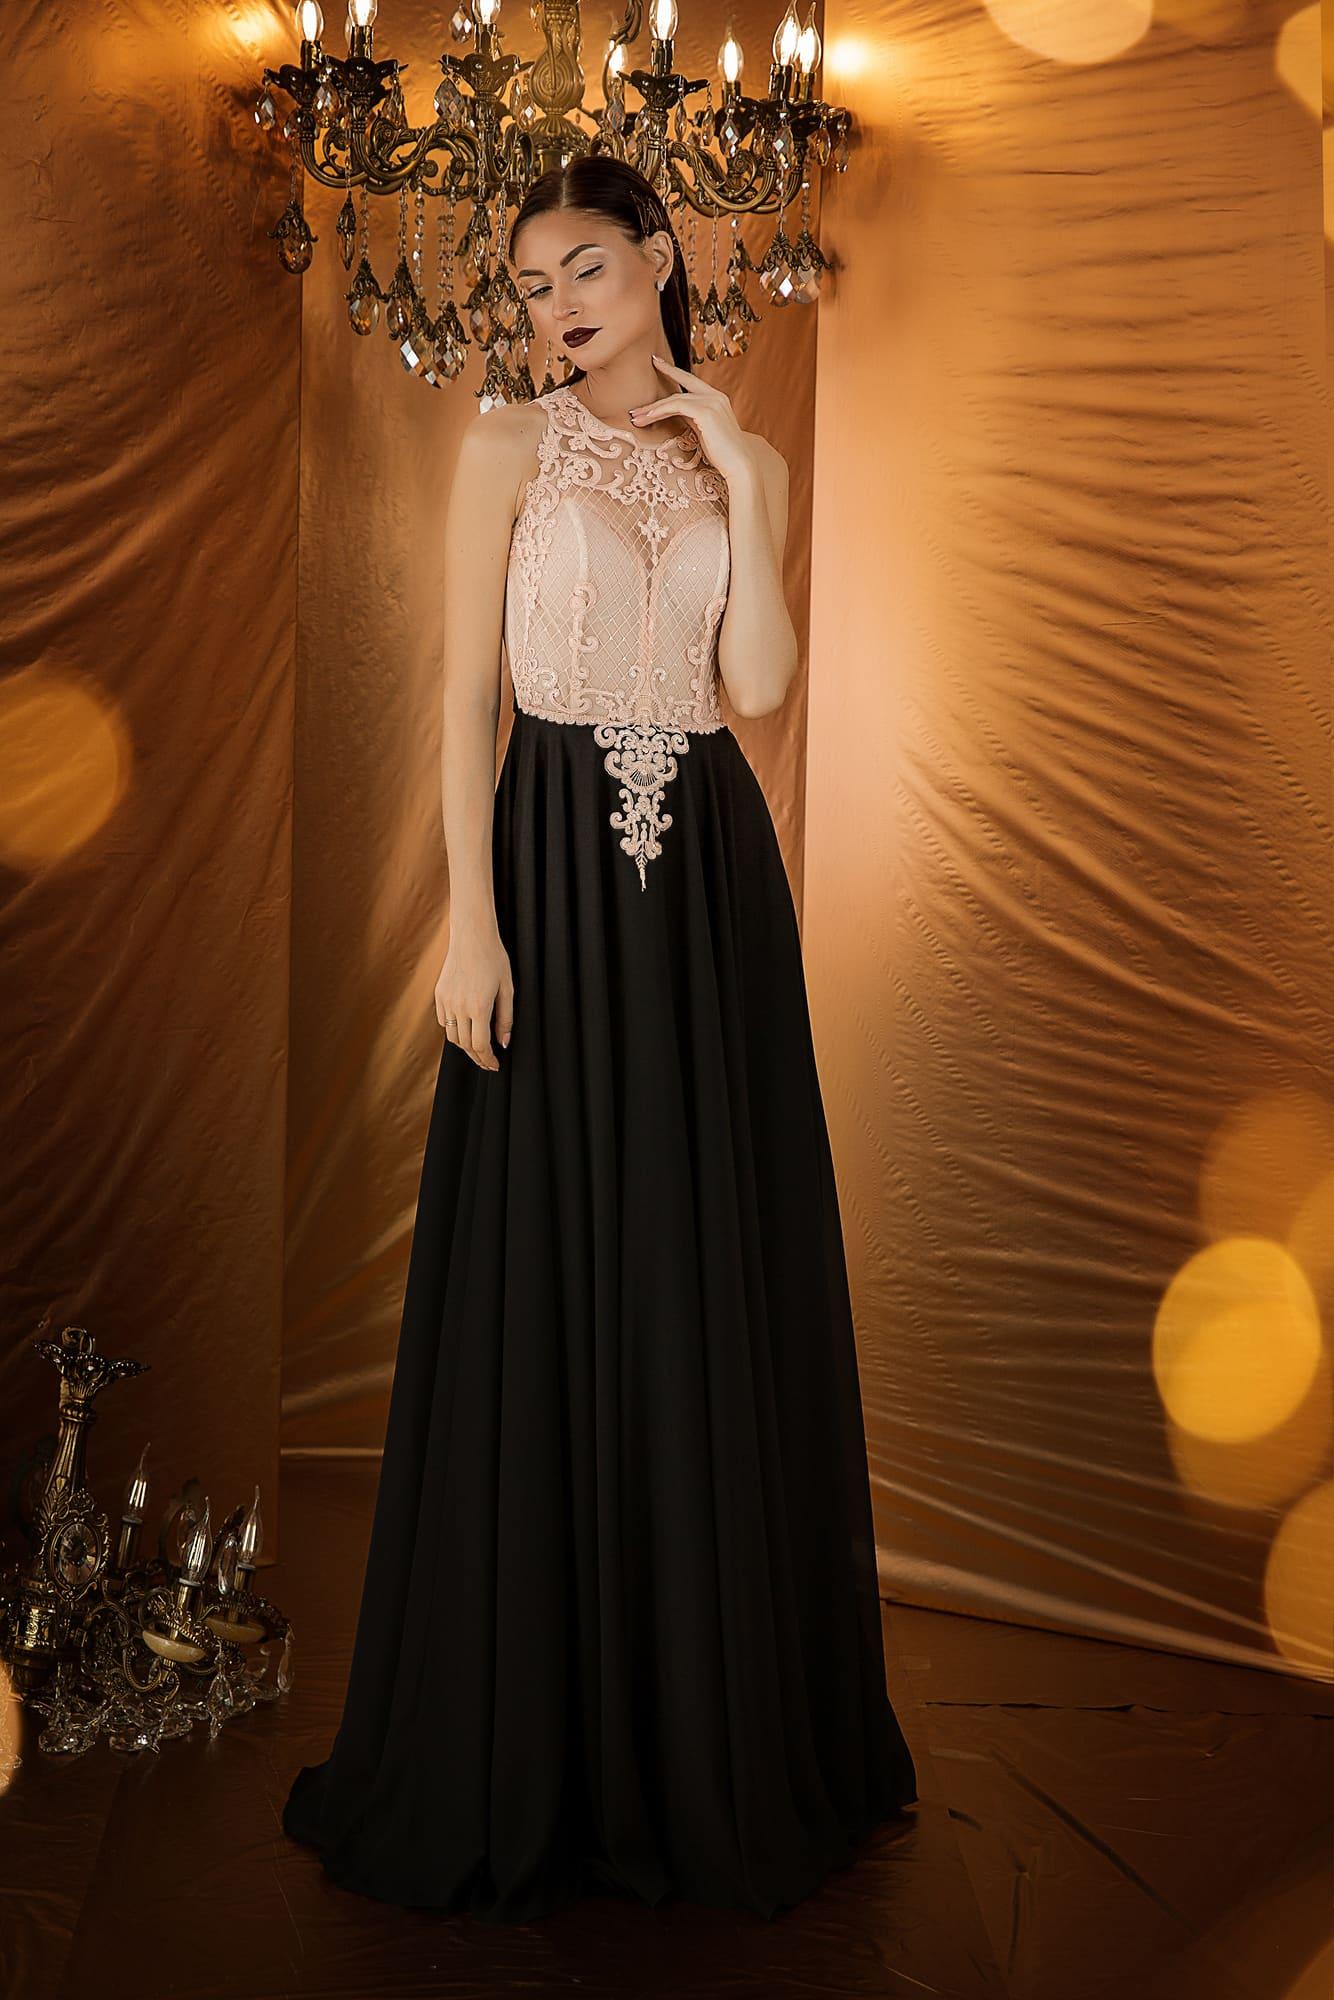 вечернее платье купить в томске недорого